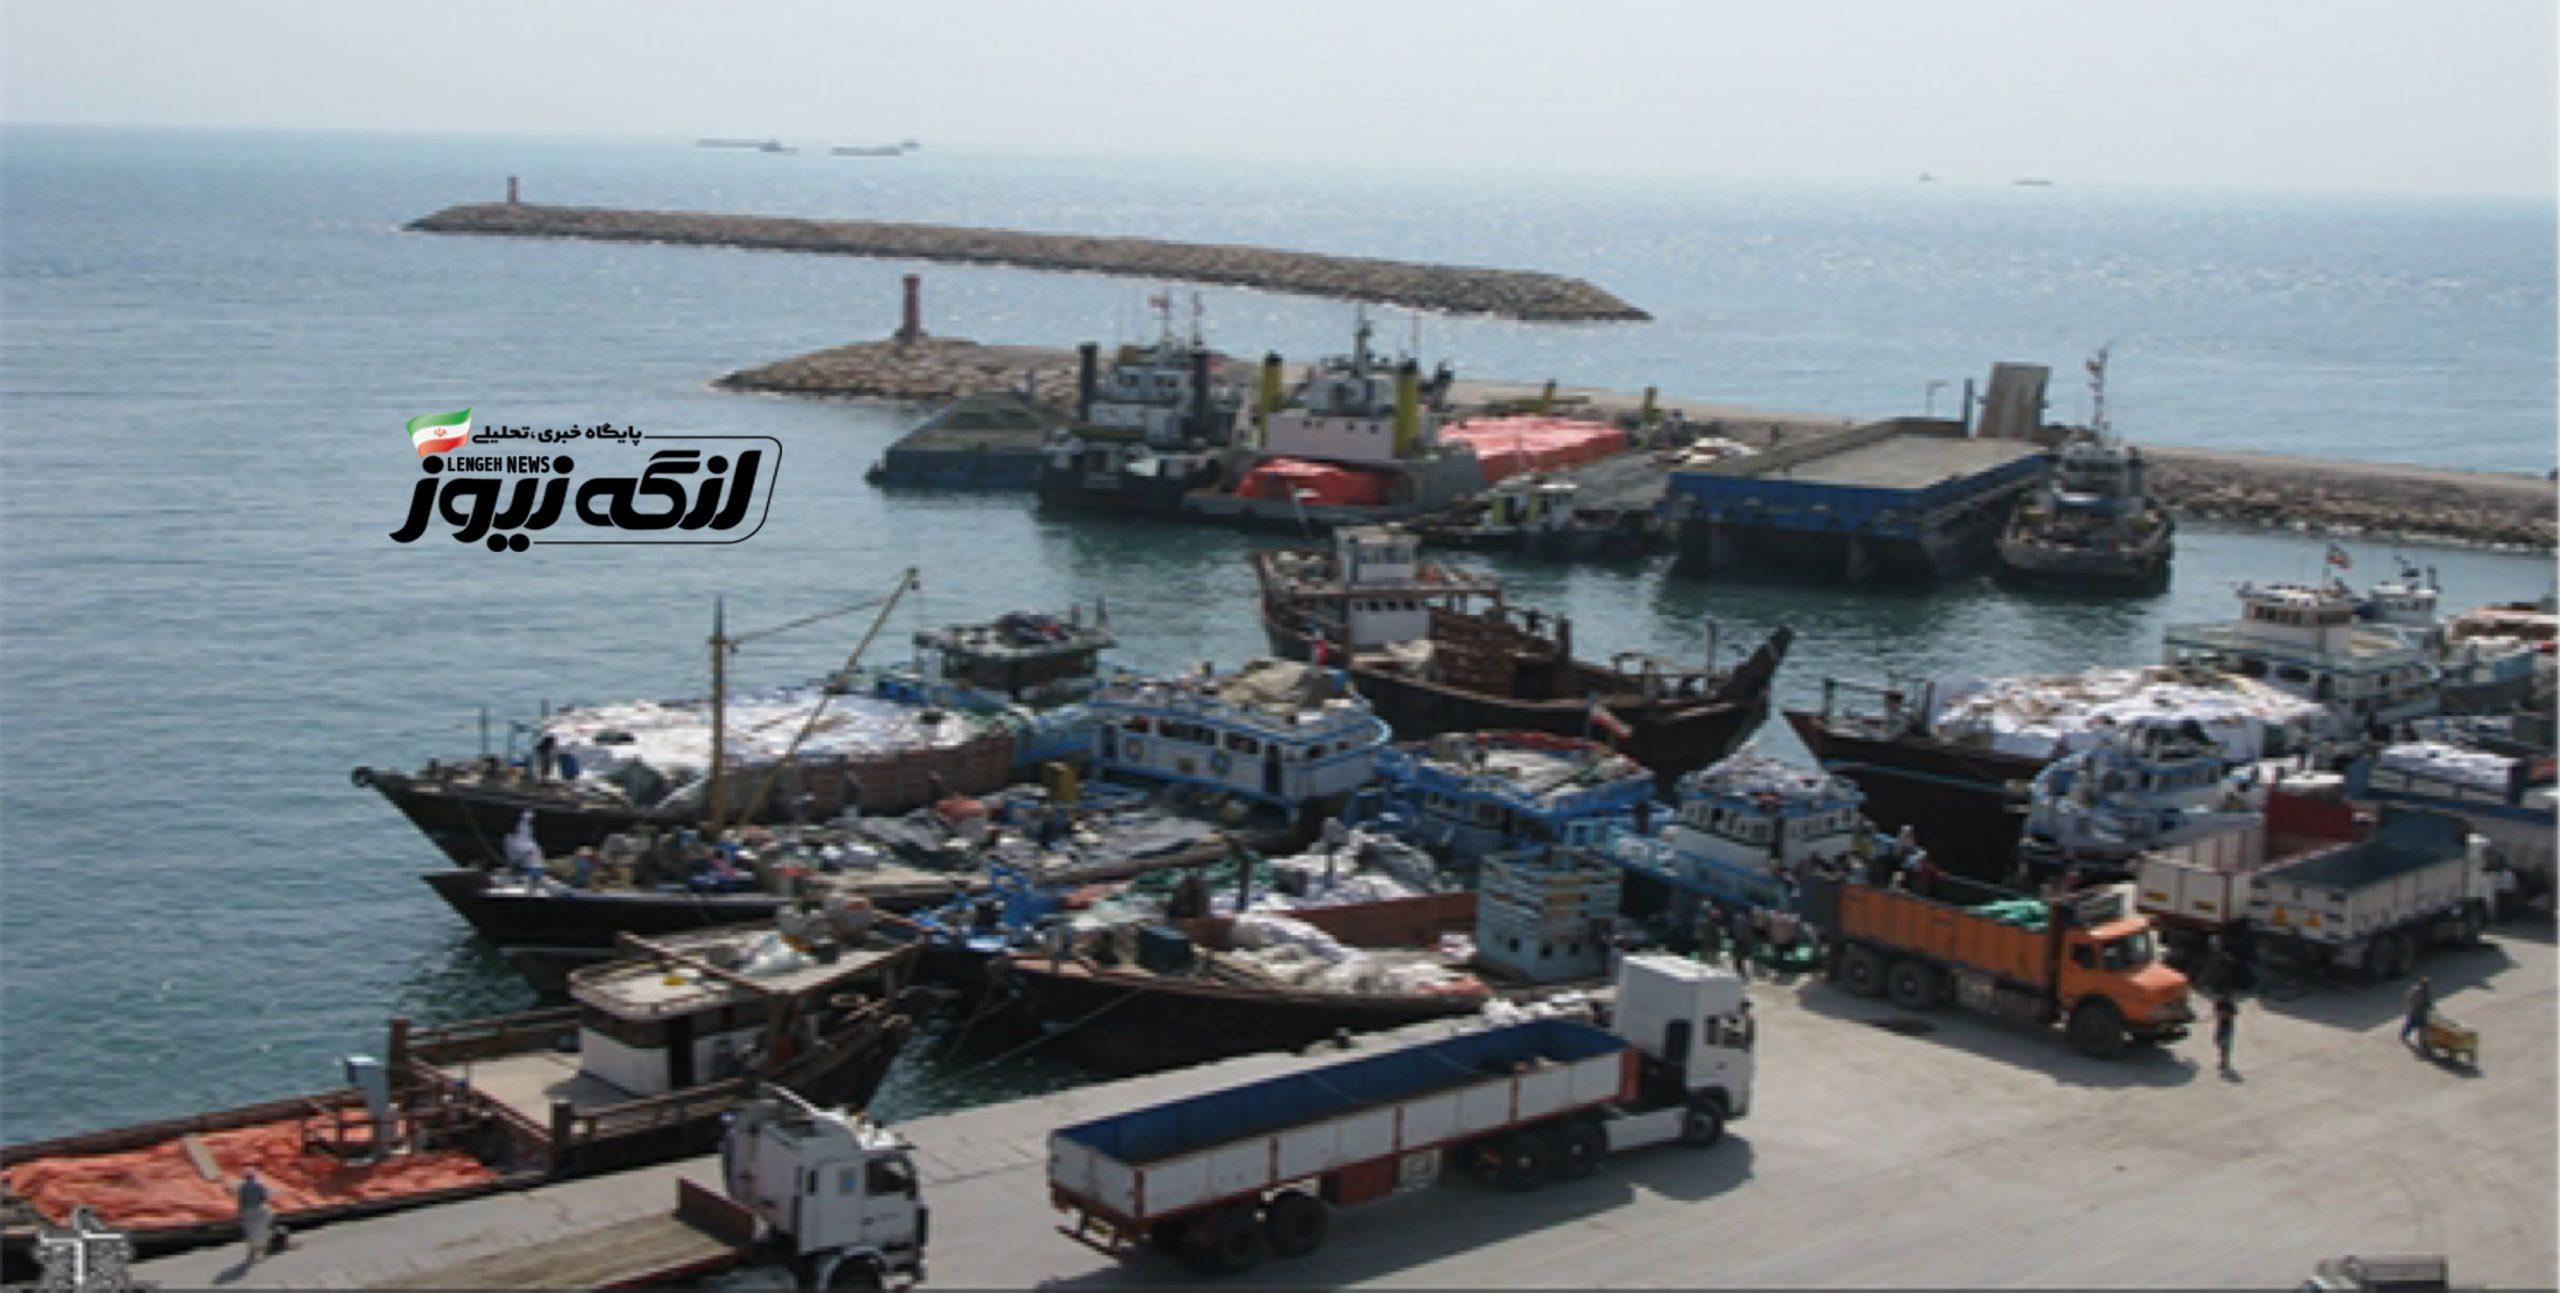 جابجایی ۶ میلیون تن انواع کالا و پهلوگیری بیش از ۱۱ هزار شناور تجاری و مسافری